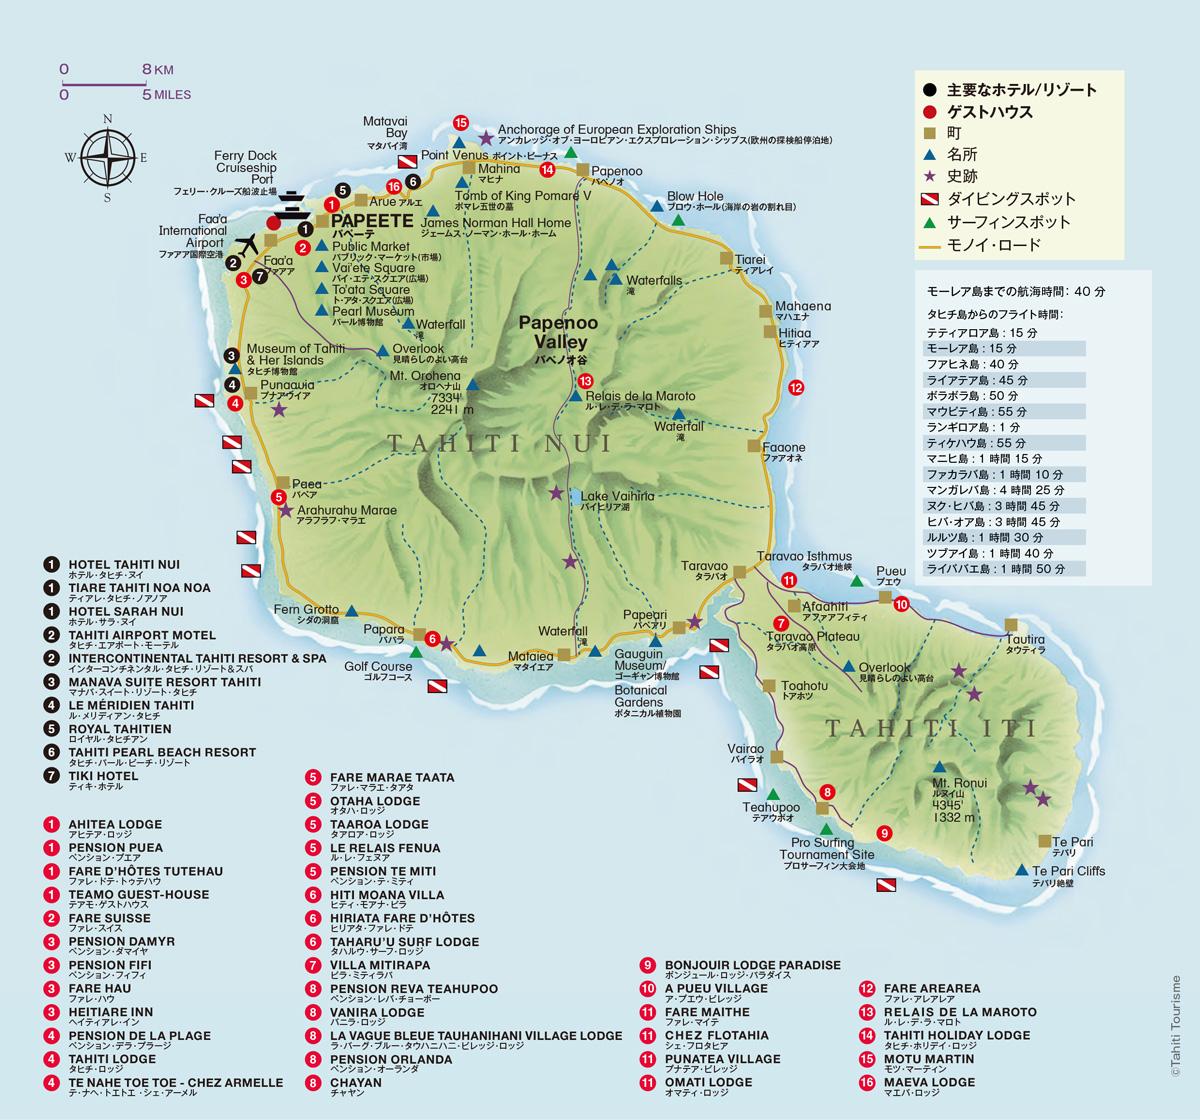 タヒチ島マップ